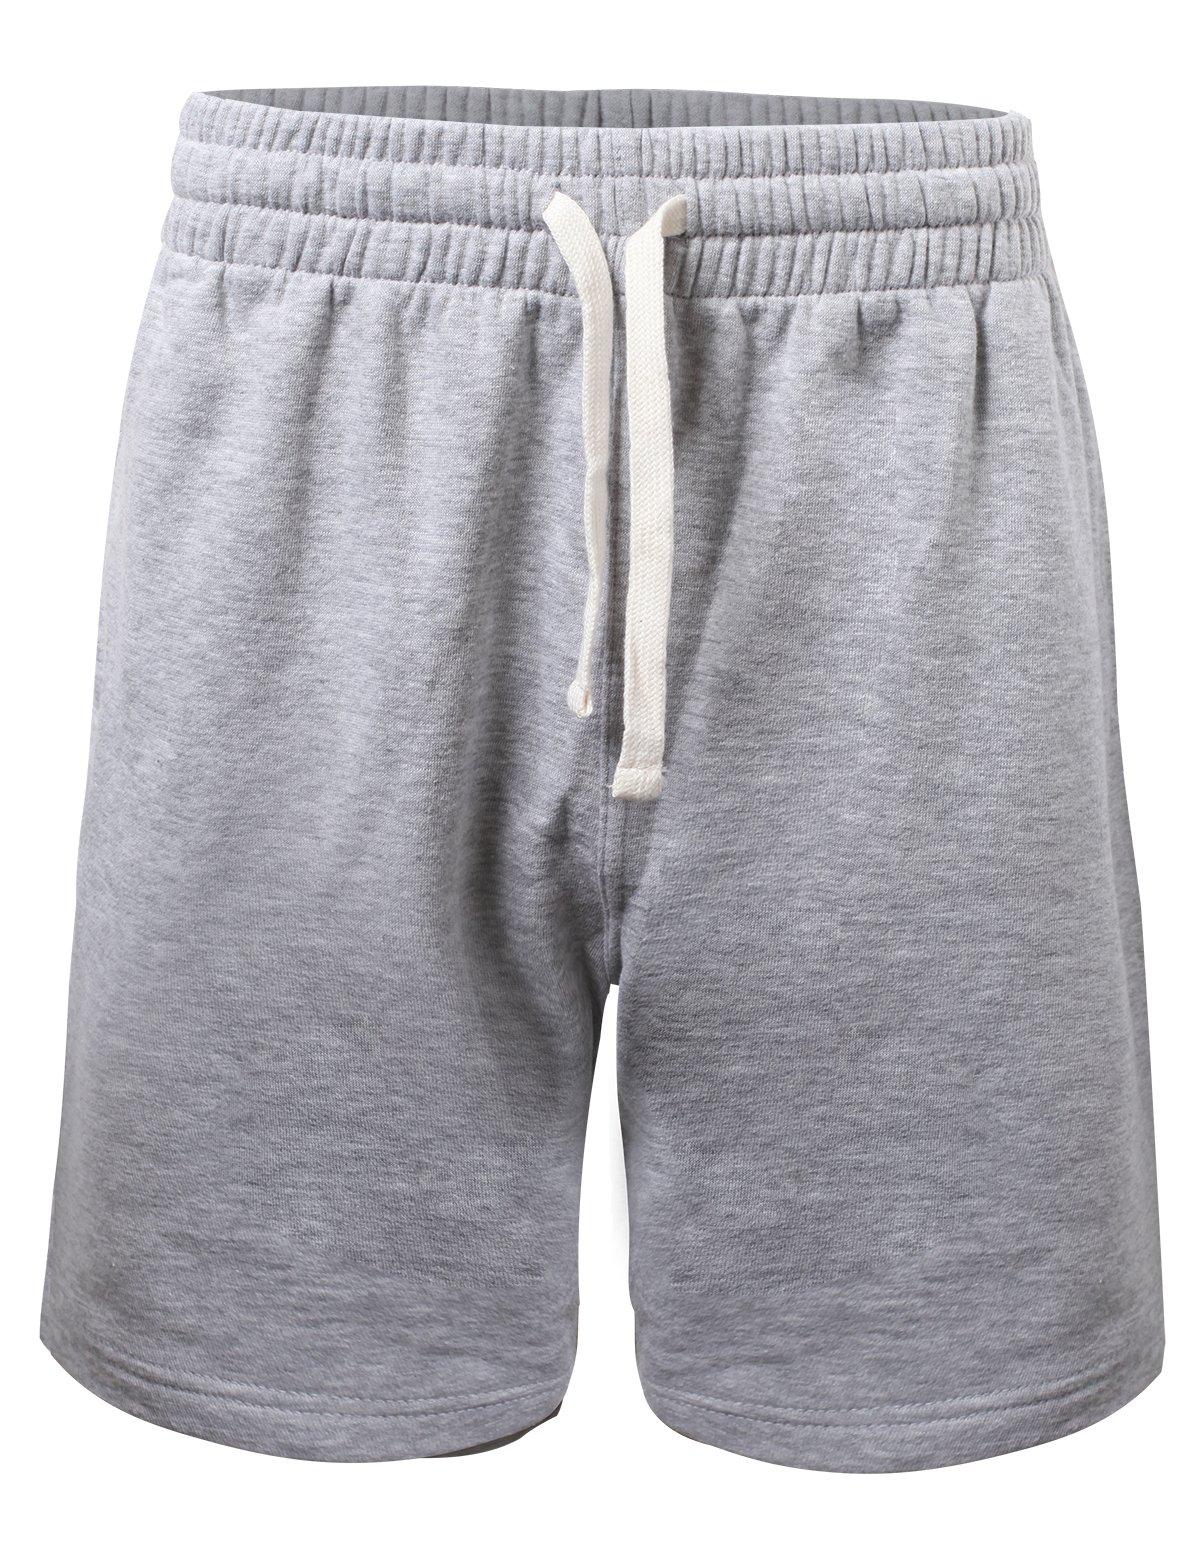 ProGo Men's Casual Basic Fleece Marled Shorts Pants with Elastic Waist (Heather Gray, X-Large) by PROGO USA